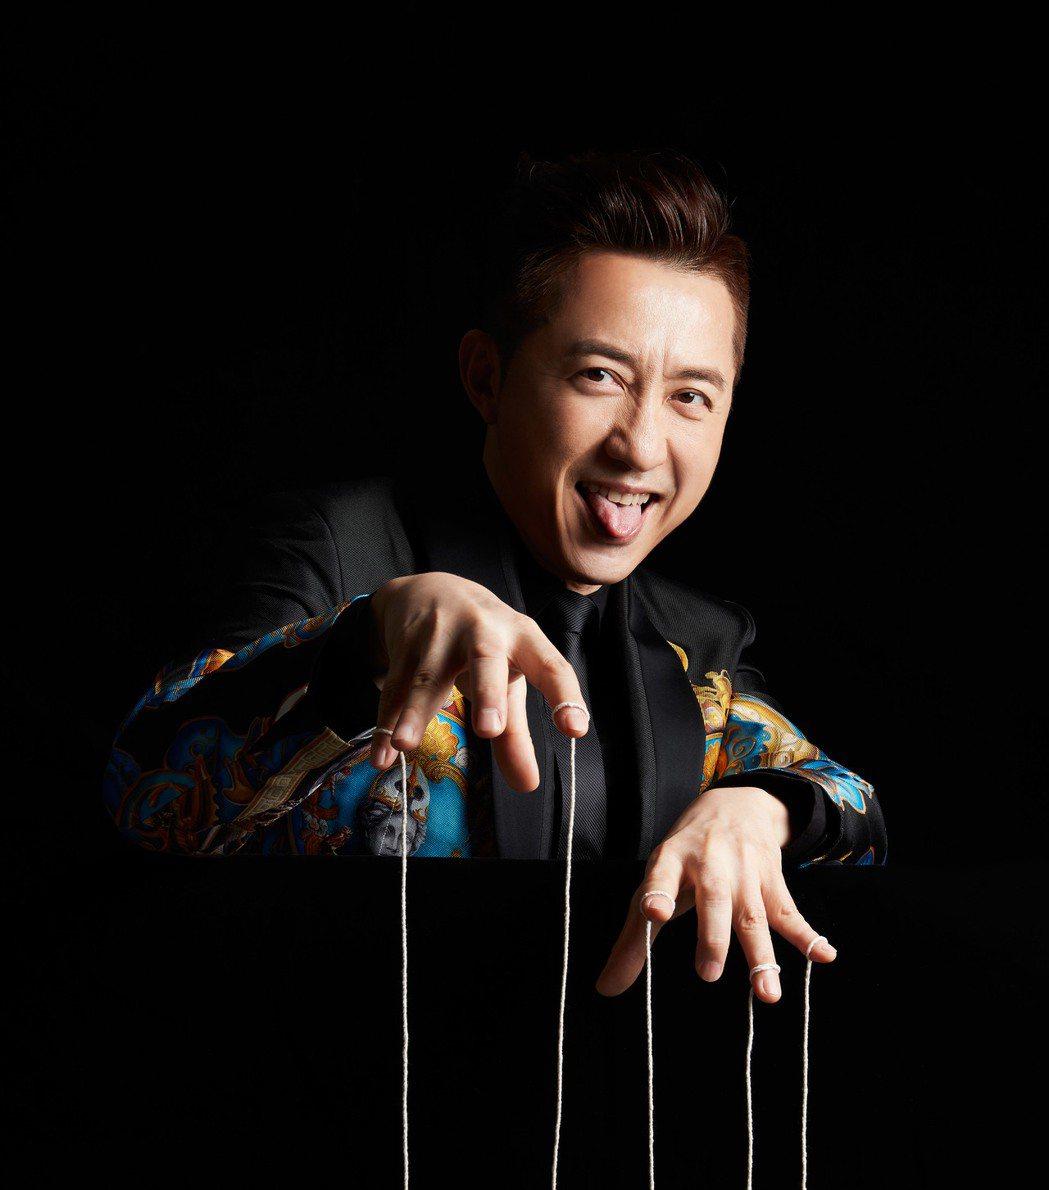 哈林庾澄慶隔了4年半再推音樂新作。圖/福茂音樂提供